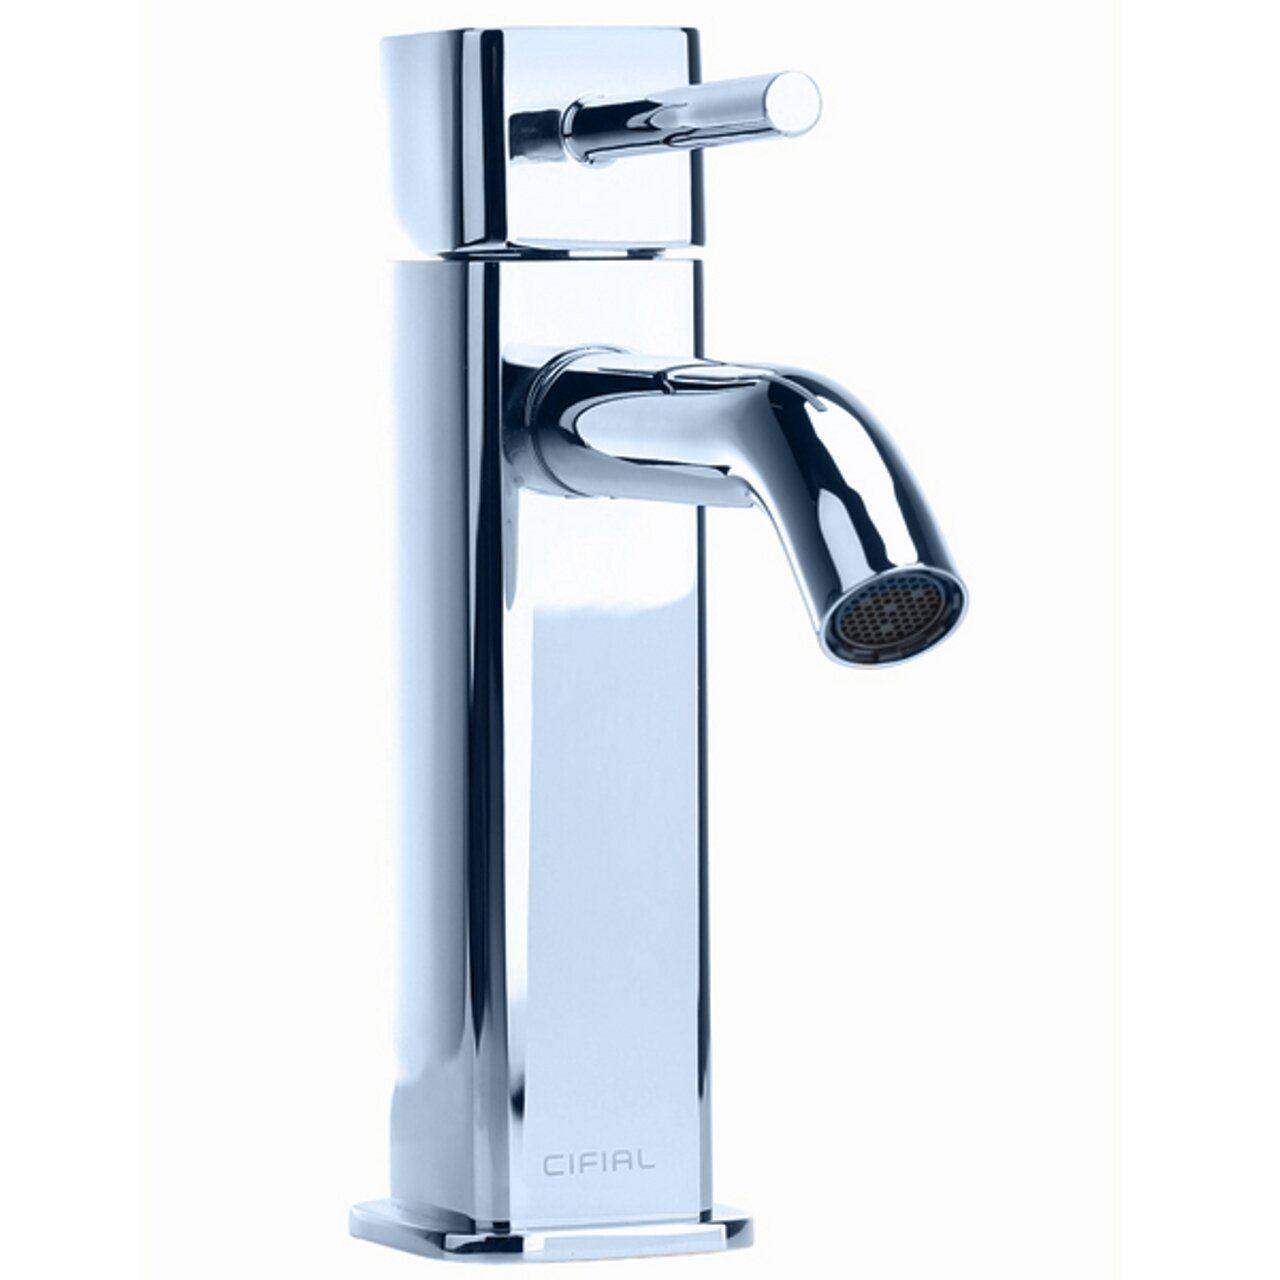 Cifial 225.100.625 Single Handle Low Profile Lavatory Faucet ...